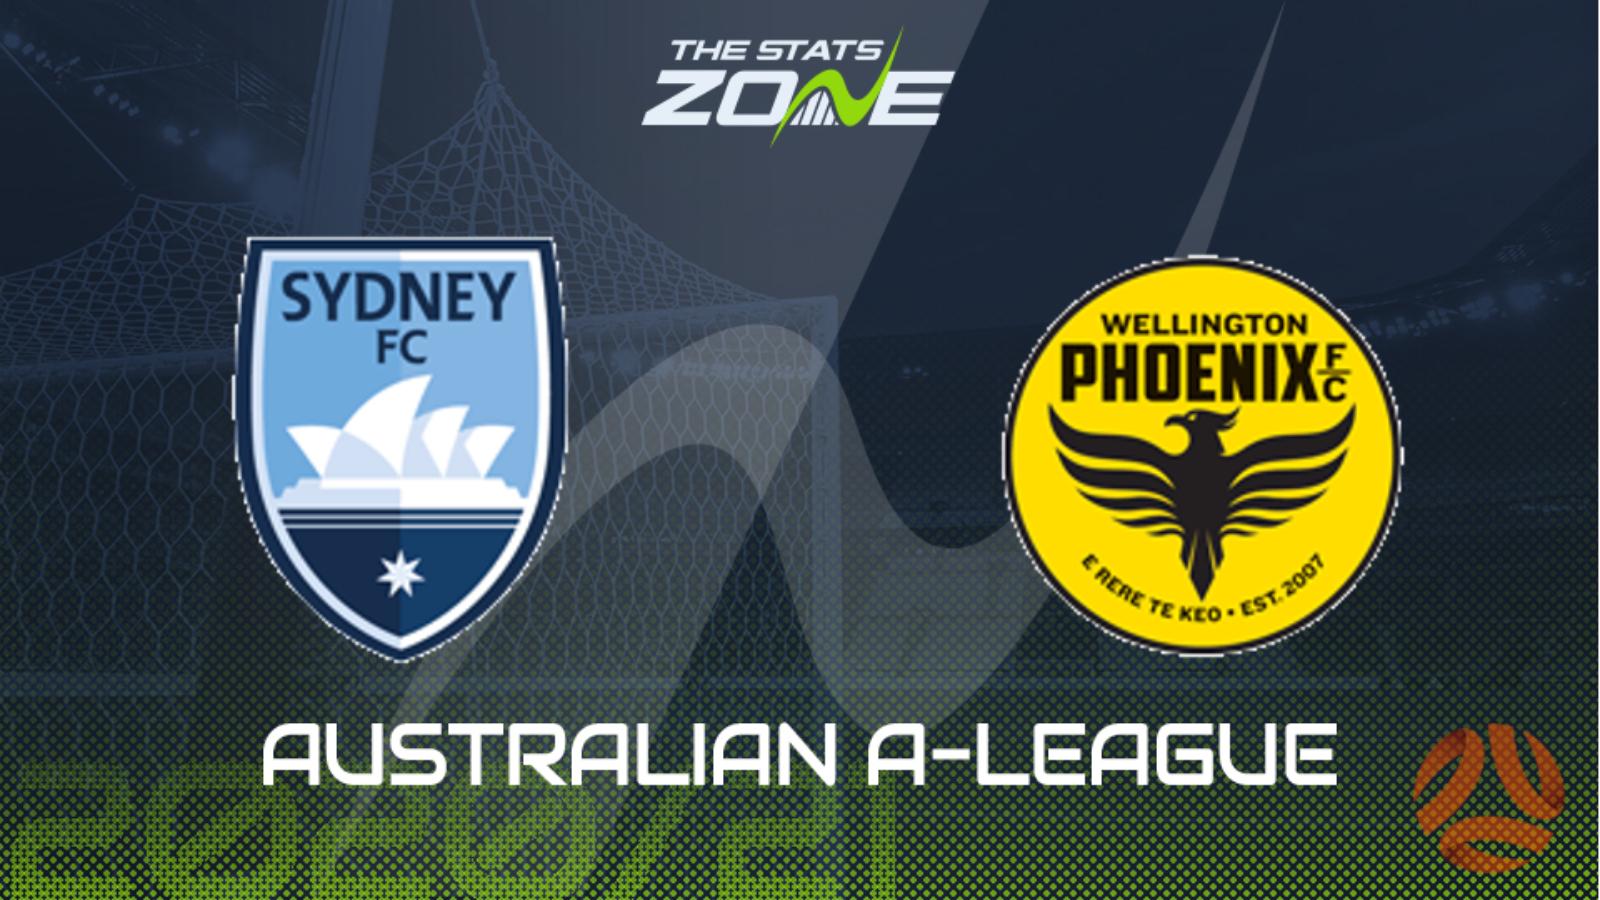 2020 21 Australian A League Sydney Fc Vs Wellington Phoenix Preview Prediction The Stats Zone